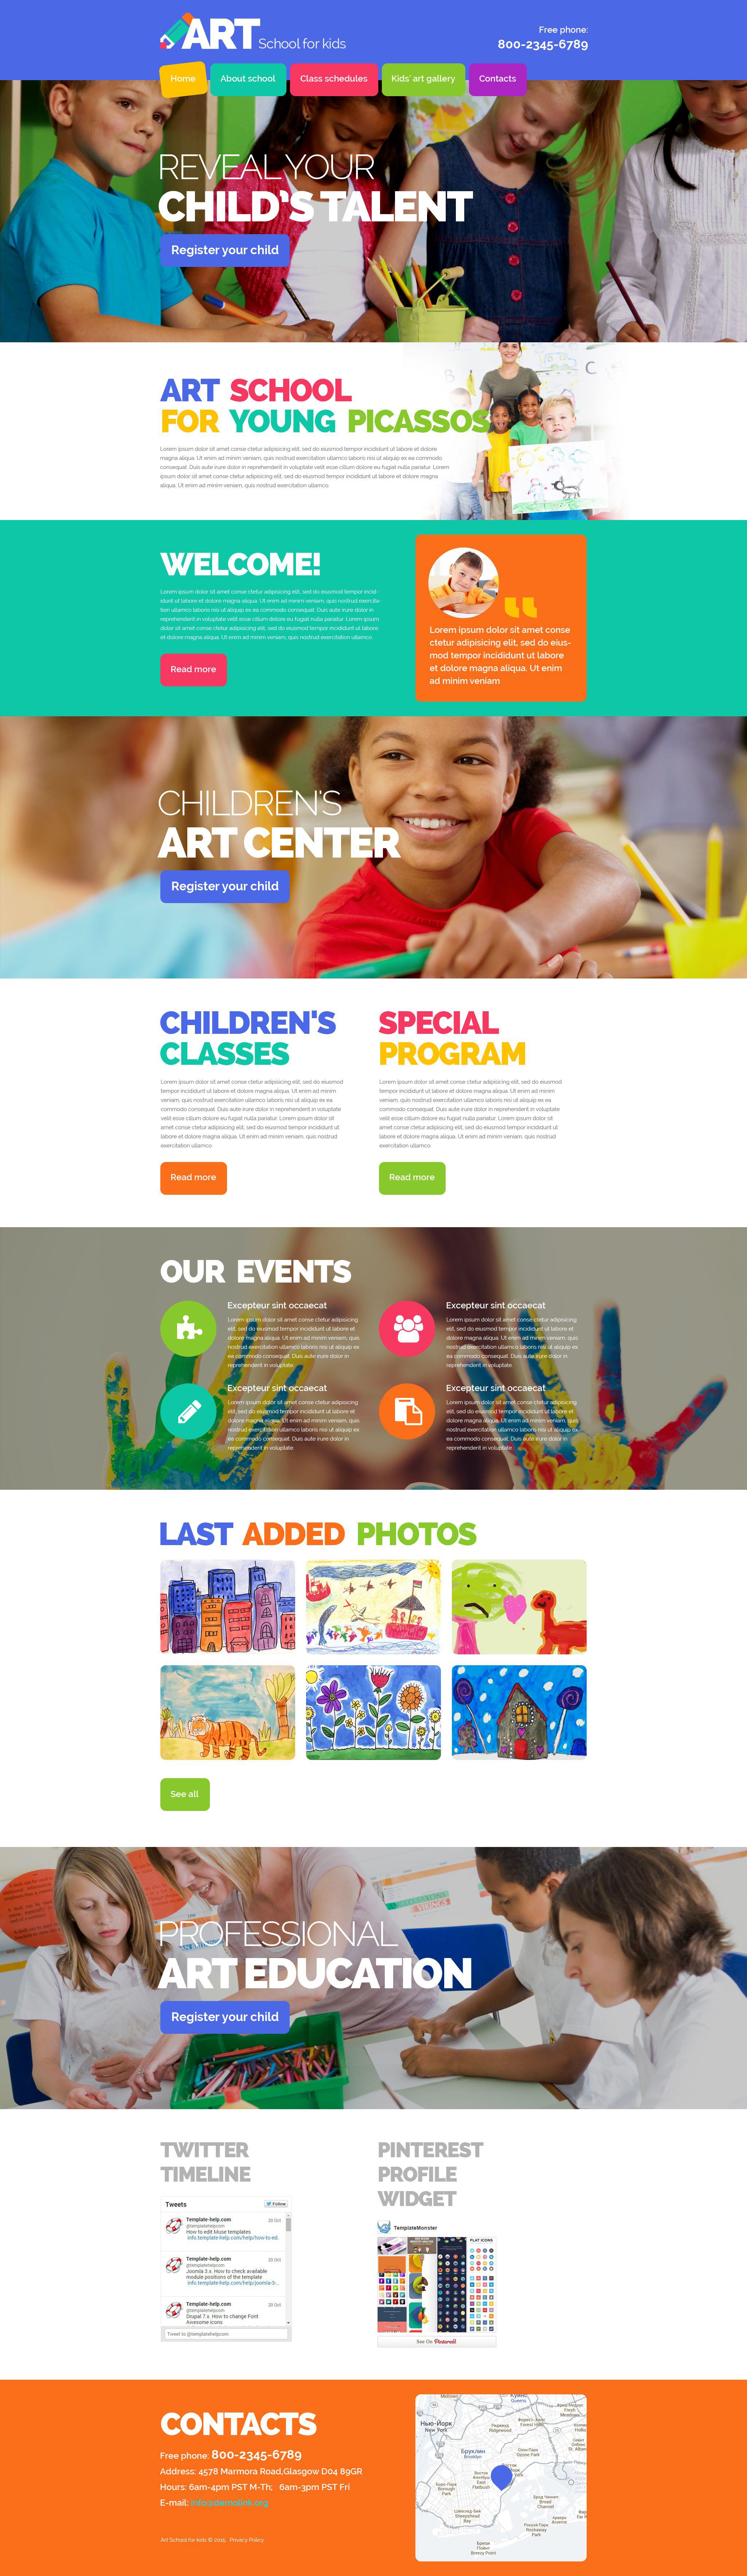 Children Art School Website Template - screenshot